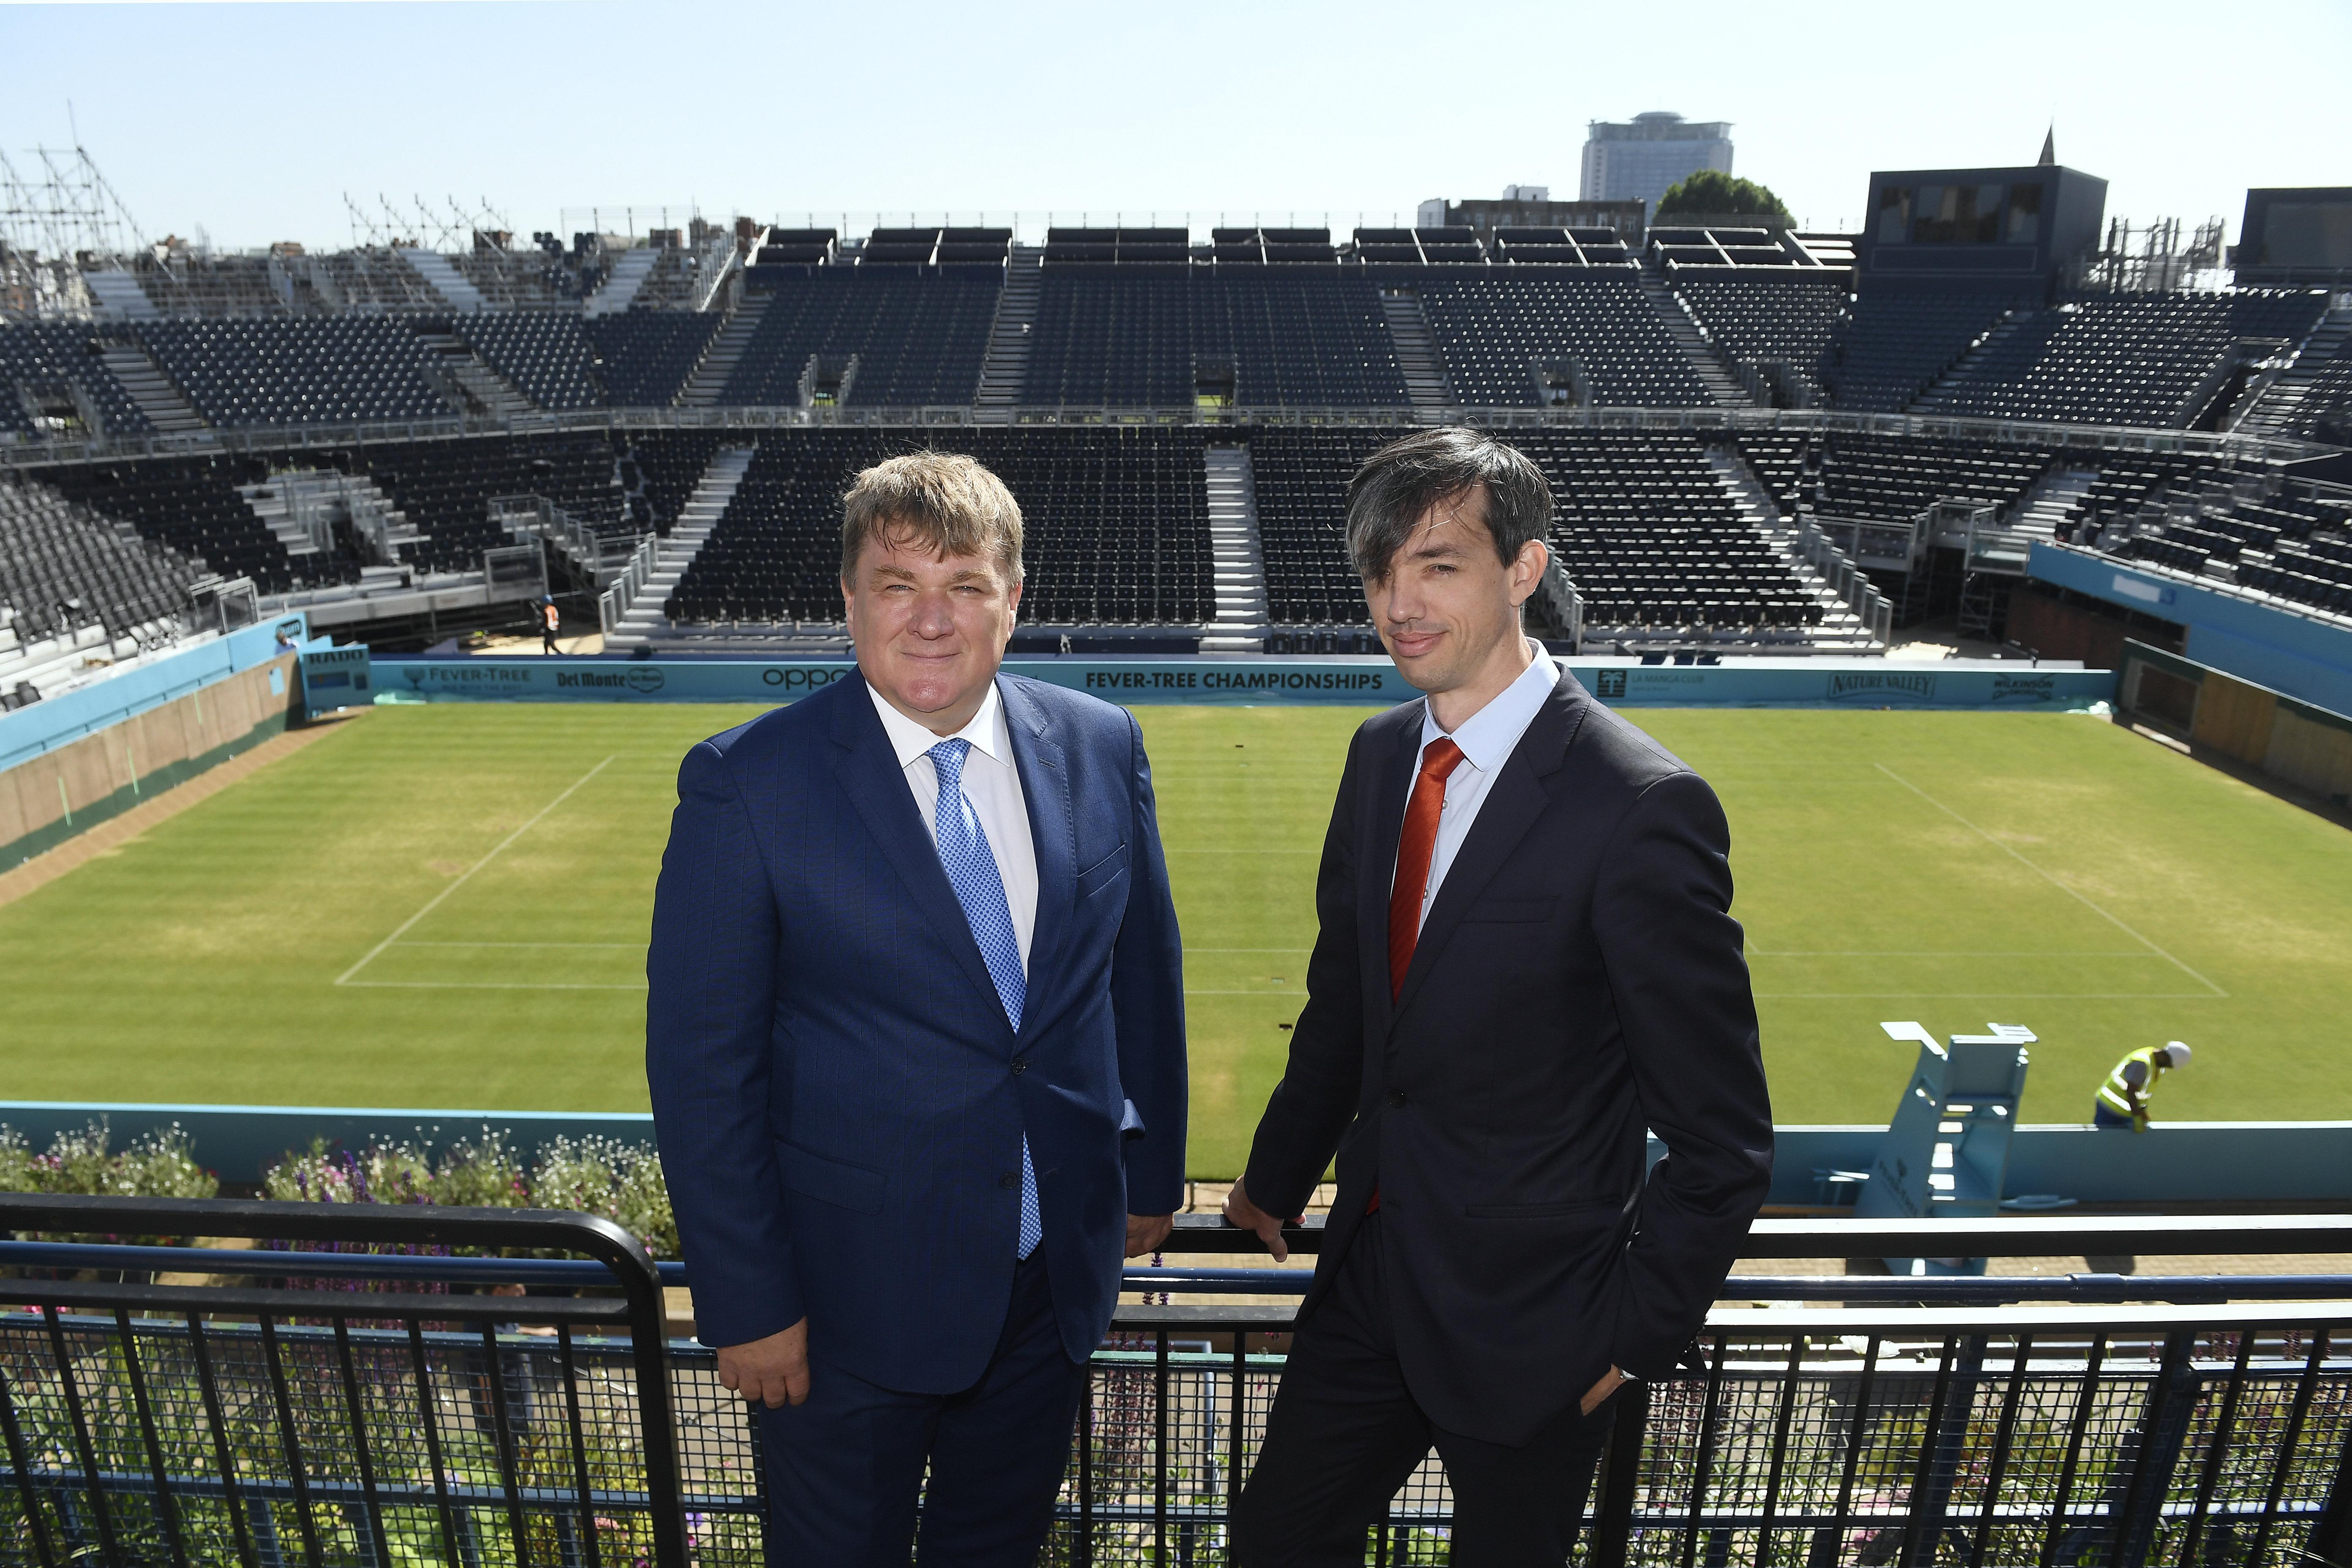 Százmilliós nagyságrendű kifizetésekkel nem tud elszámolni a tenisz szövetség korábbi vezetése